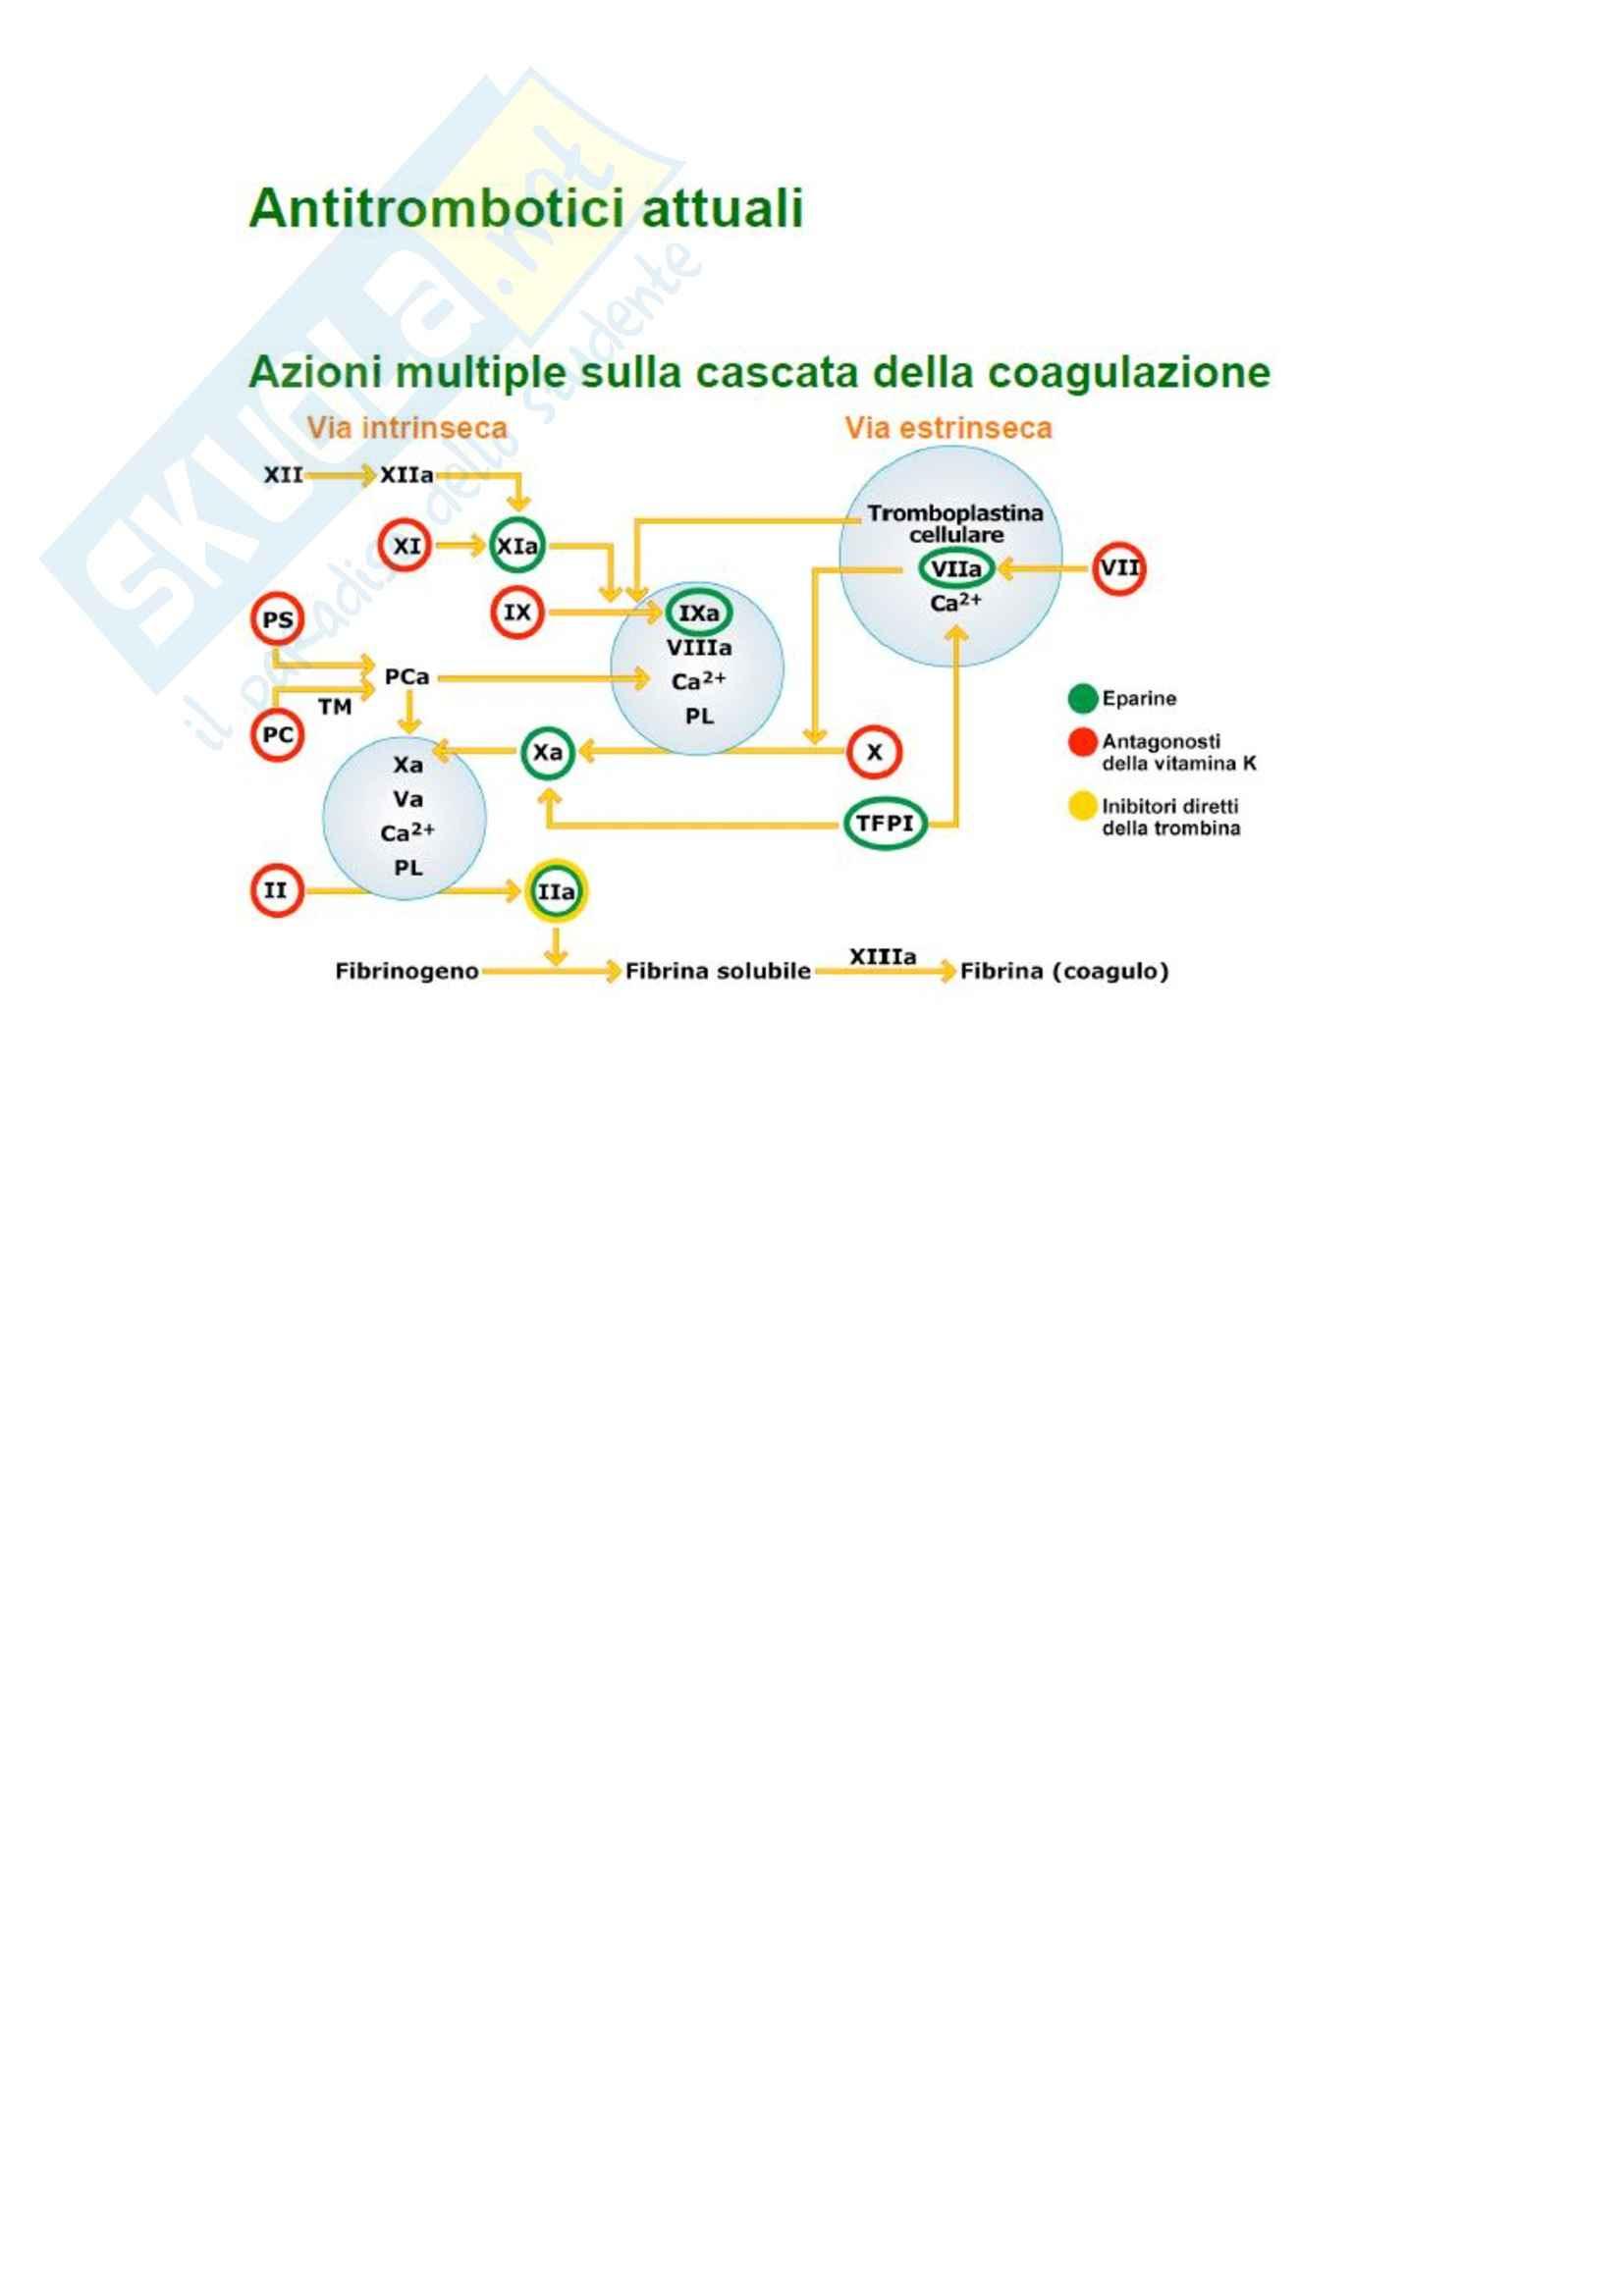 Patologia clinica - gli antitrombotici delle eparine